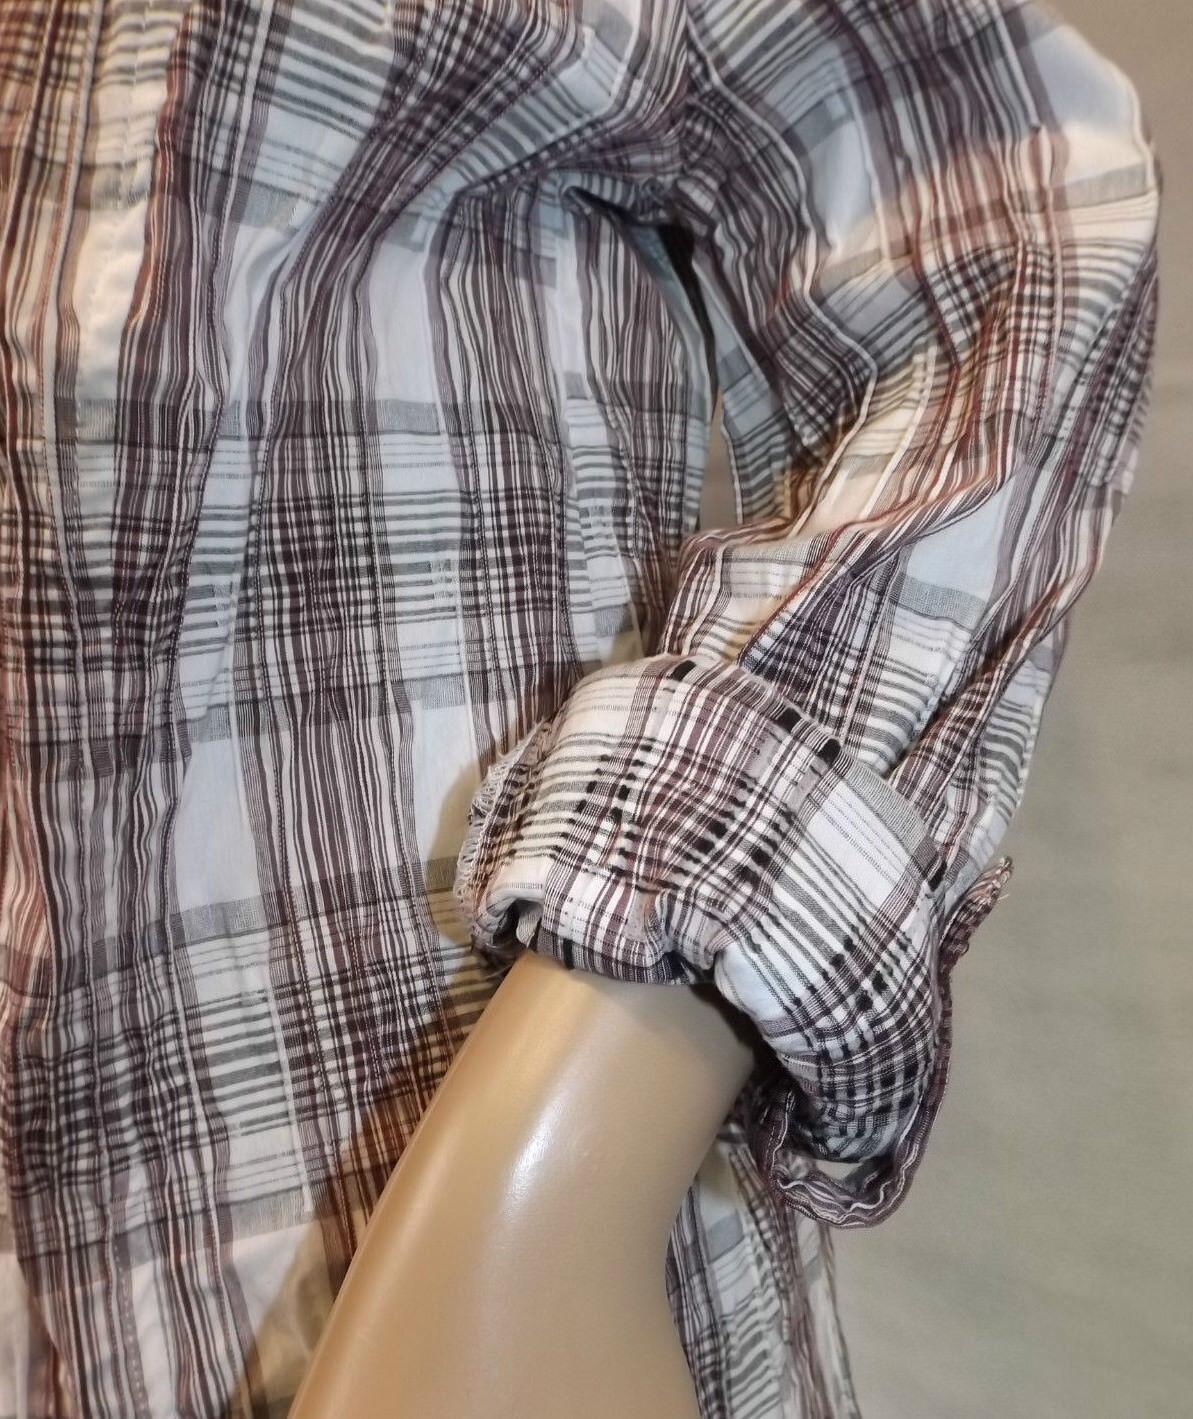 GINA LAURA   S 38 HemdBlause  Blause  KaroBlause langarm  Tunika  crash  NEU  | Erlesene Materialien  | Speichern  | Starke Hitze- und Abnutzungsbeständigkeit  | Üppiges Design  | Verschiedene Stile und Stile  b0cbe5